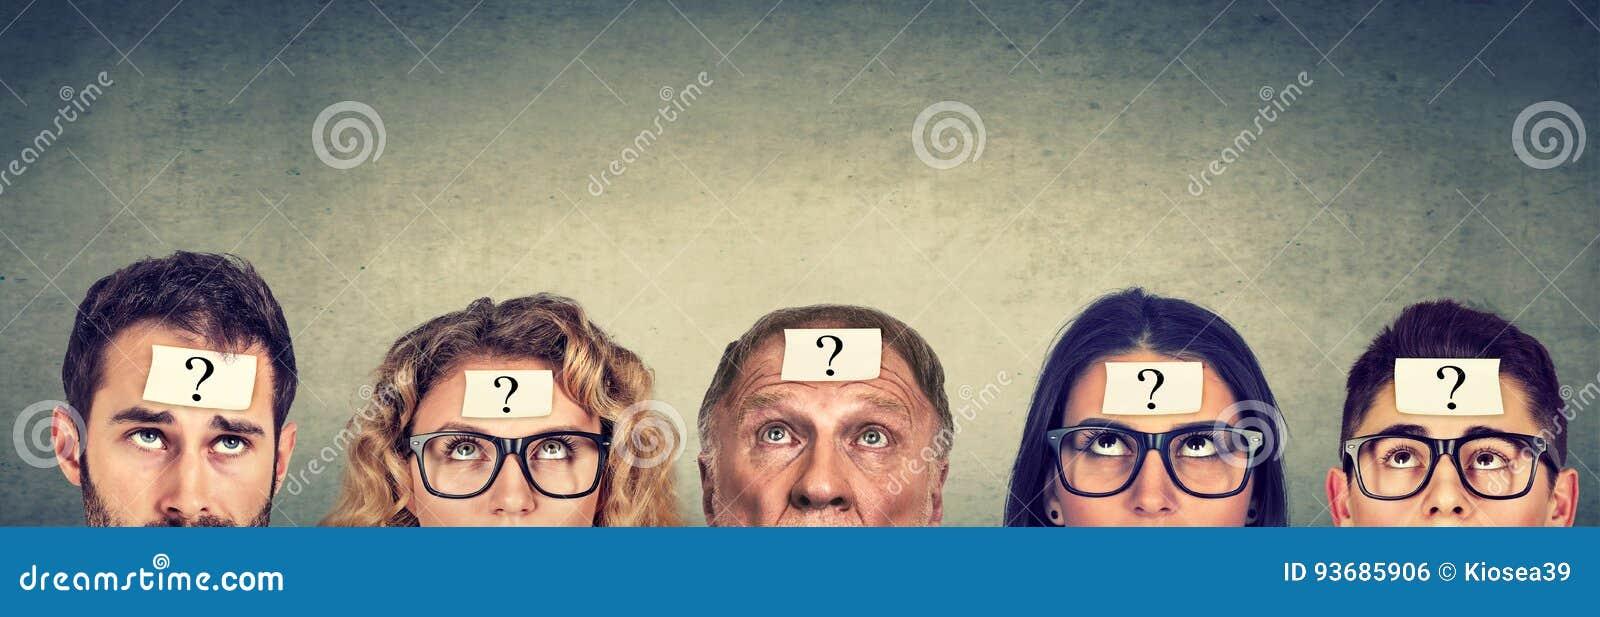 Ομάδα Multiethnic σκεπτόμενων ανθρώπων με το ερωτηματικό που ανατρέχει